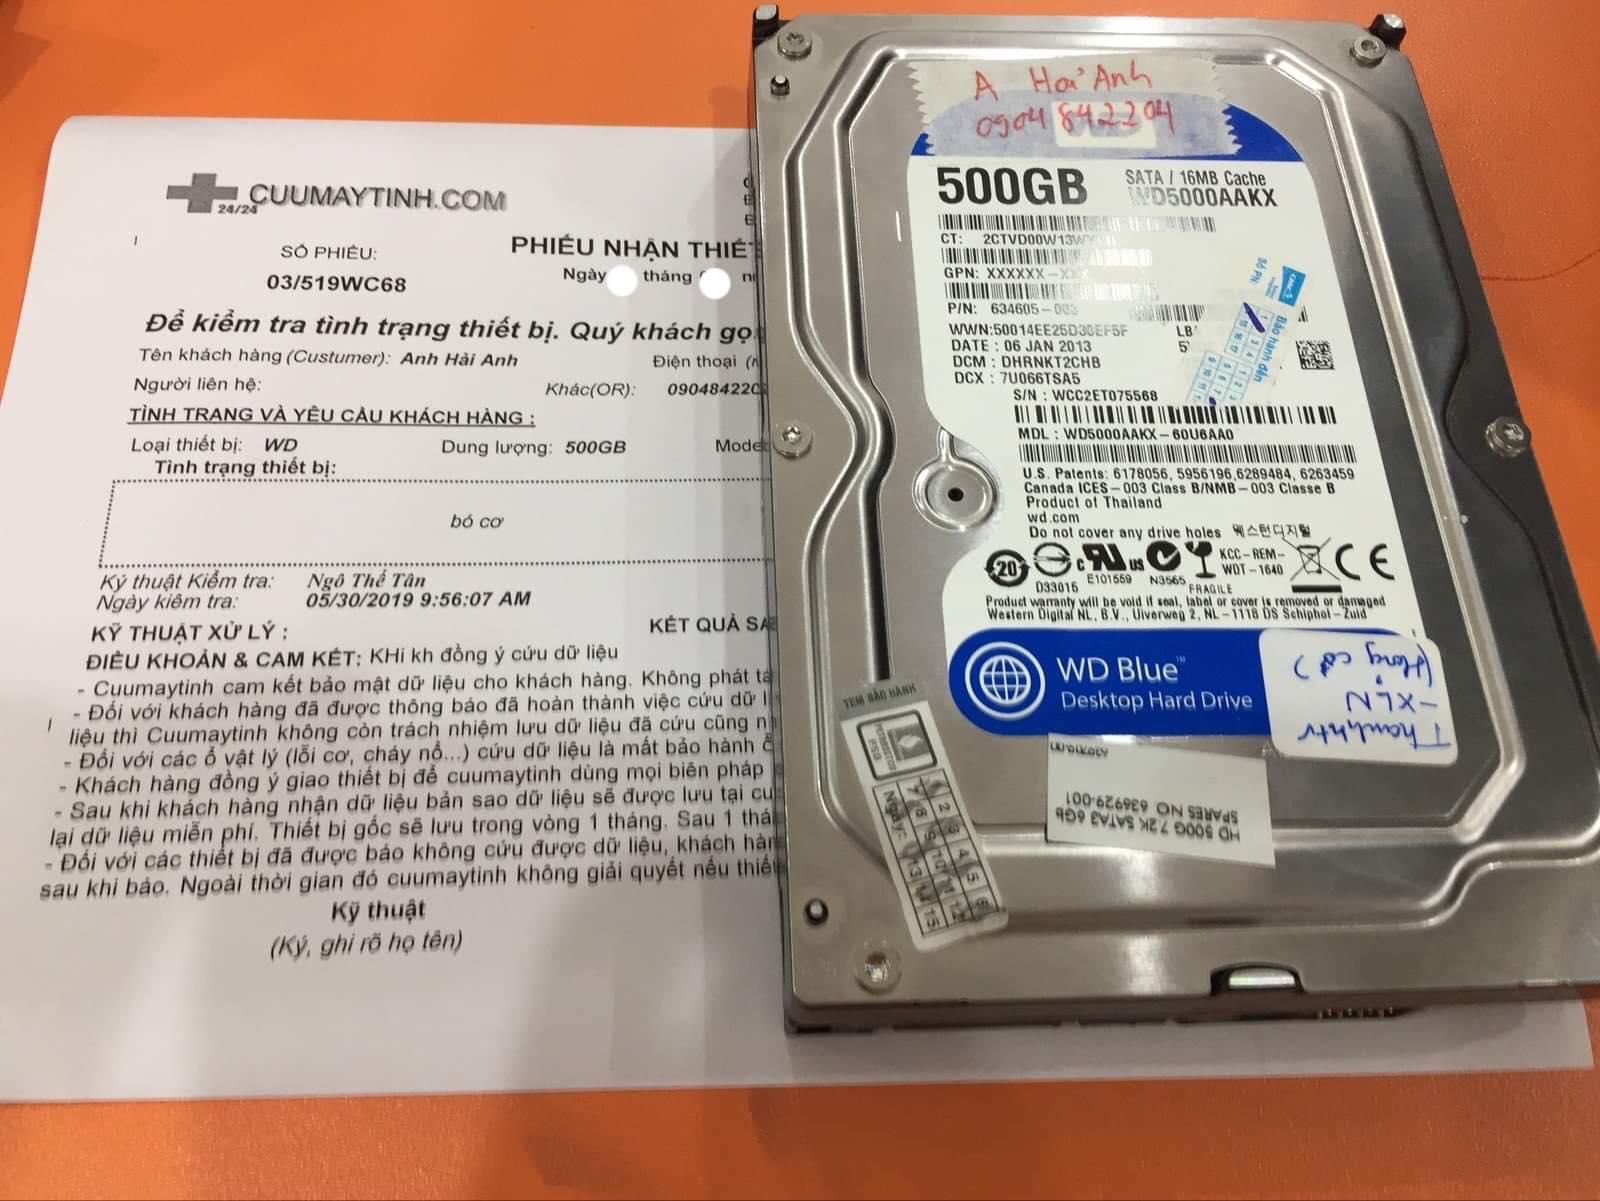 Phục hồi dữ liệu ổ cứng Western 500GB bó cơ 08/06/2019 - cuumaytinh